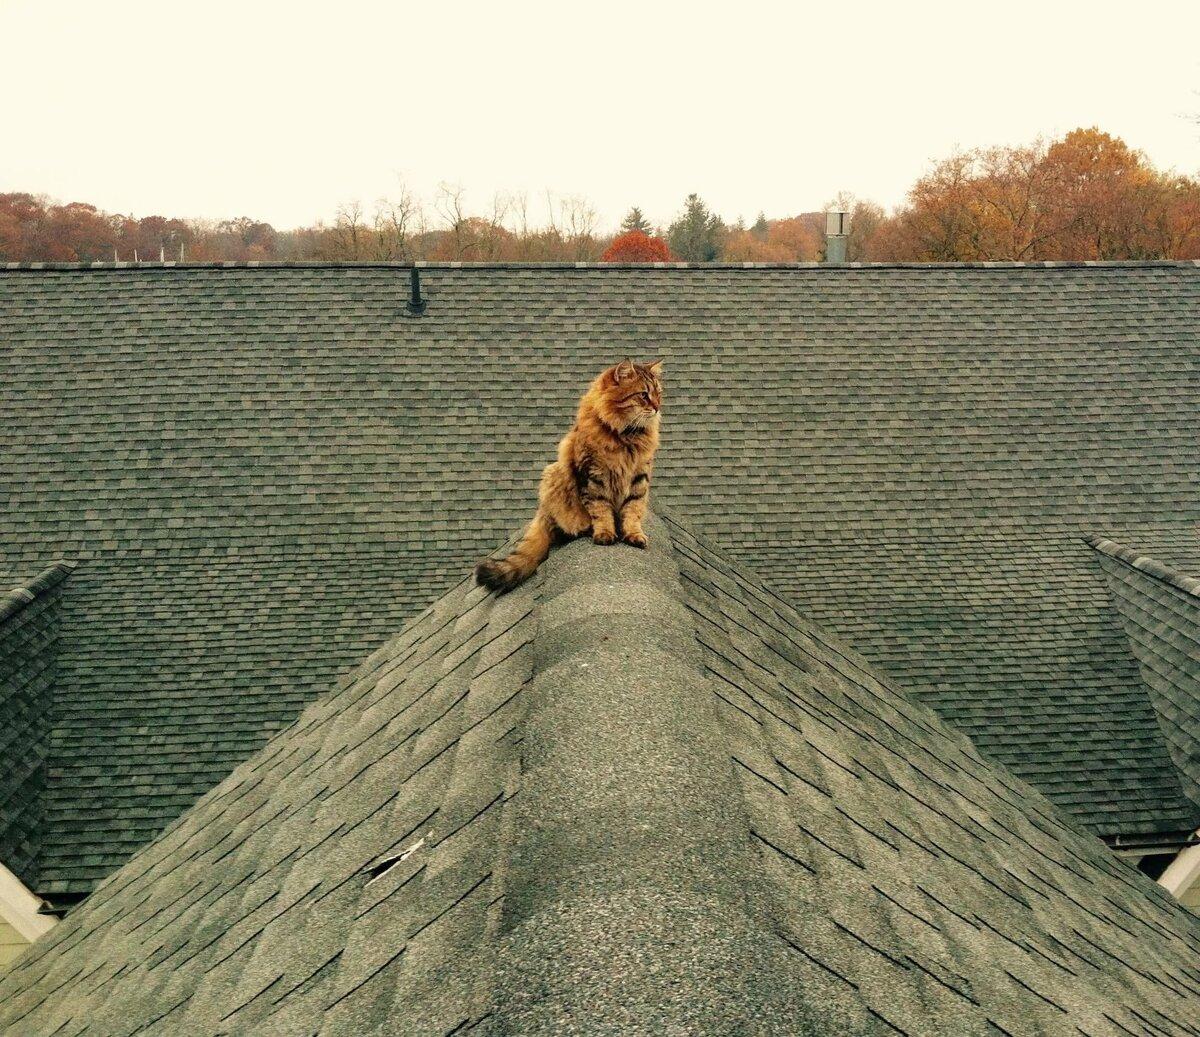 Прикольные картинки кот на крыше